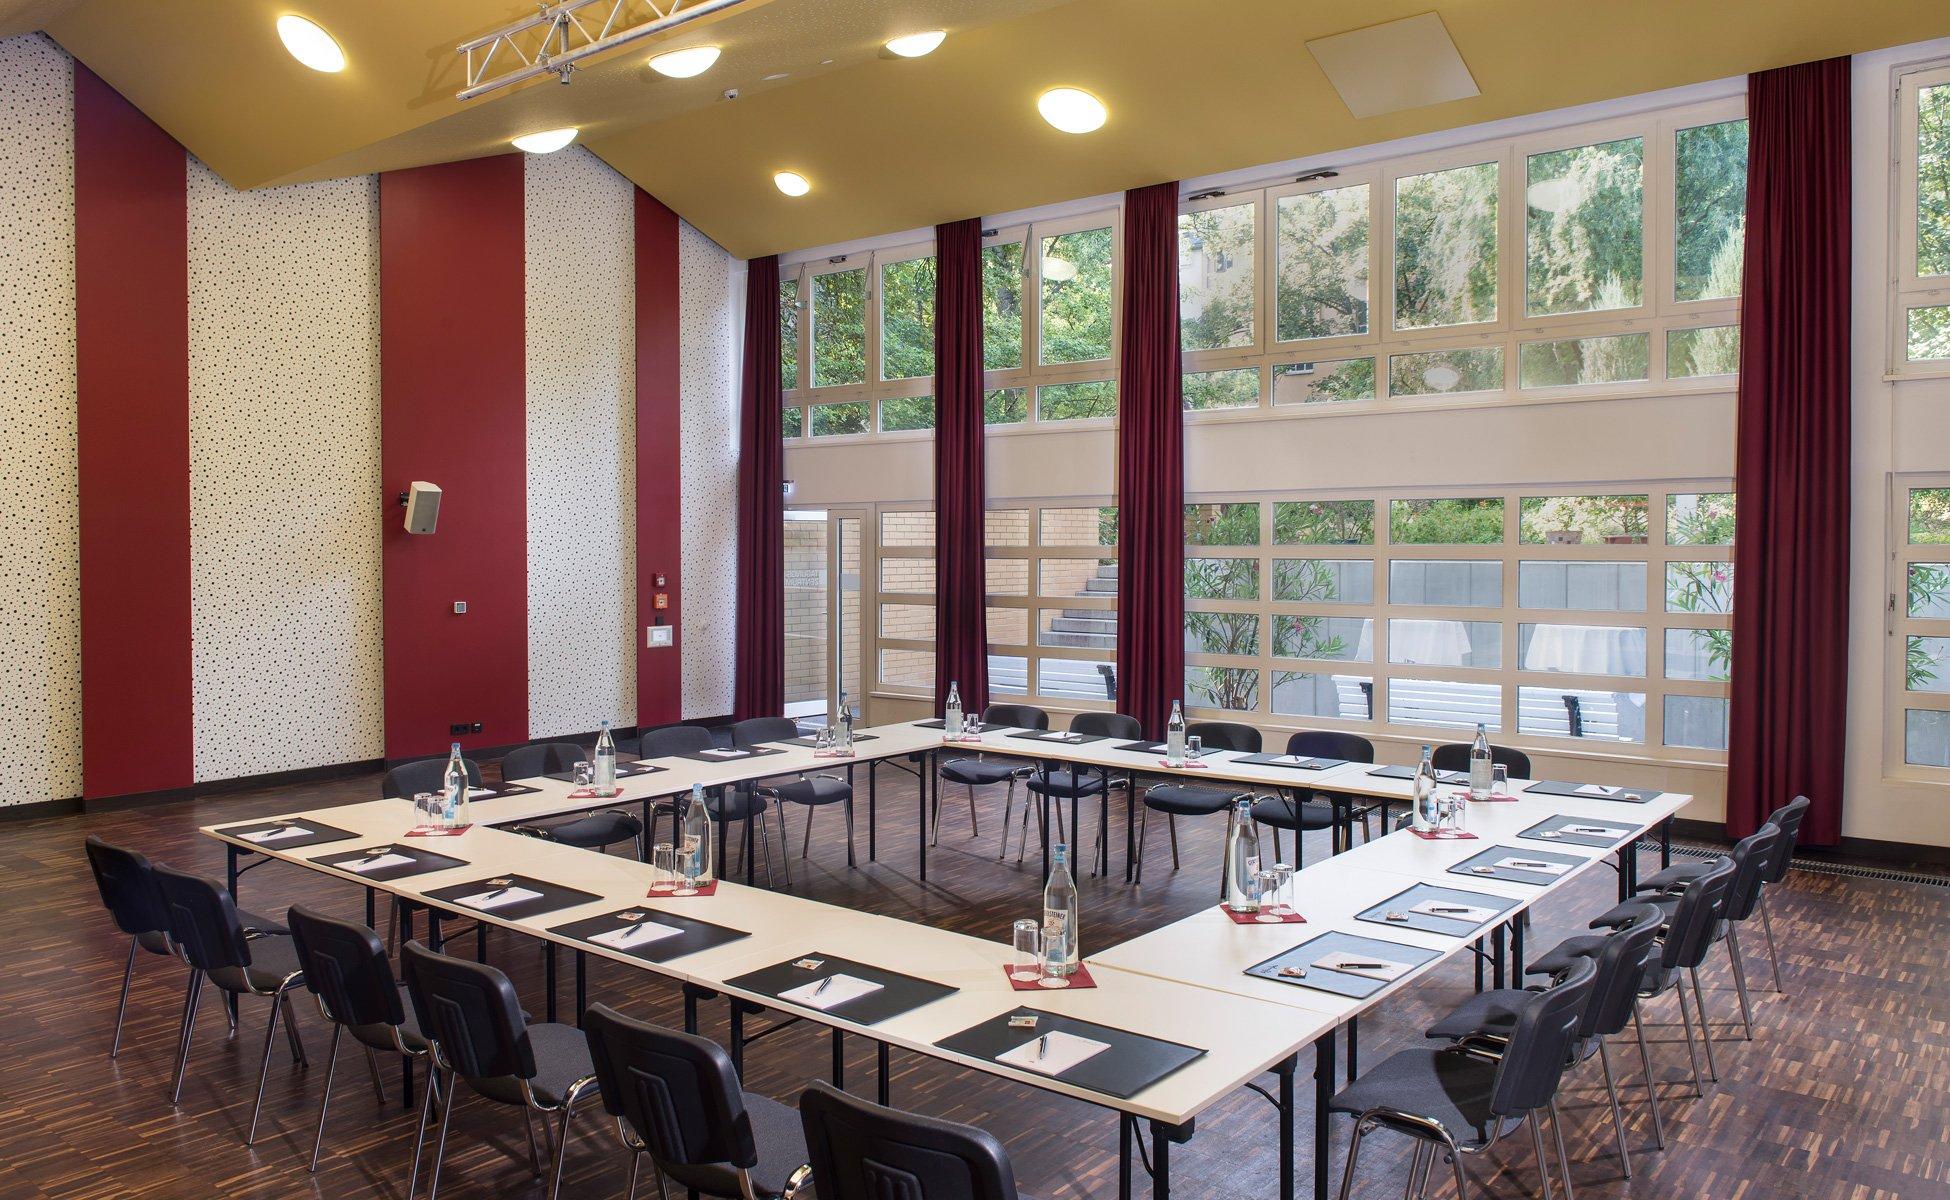 Tagungen im Hotel Grenzfall – großer Konferenzsaal